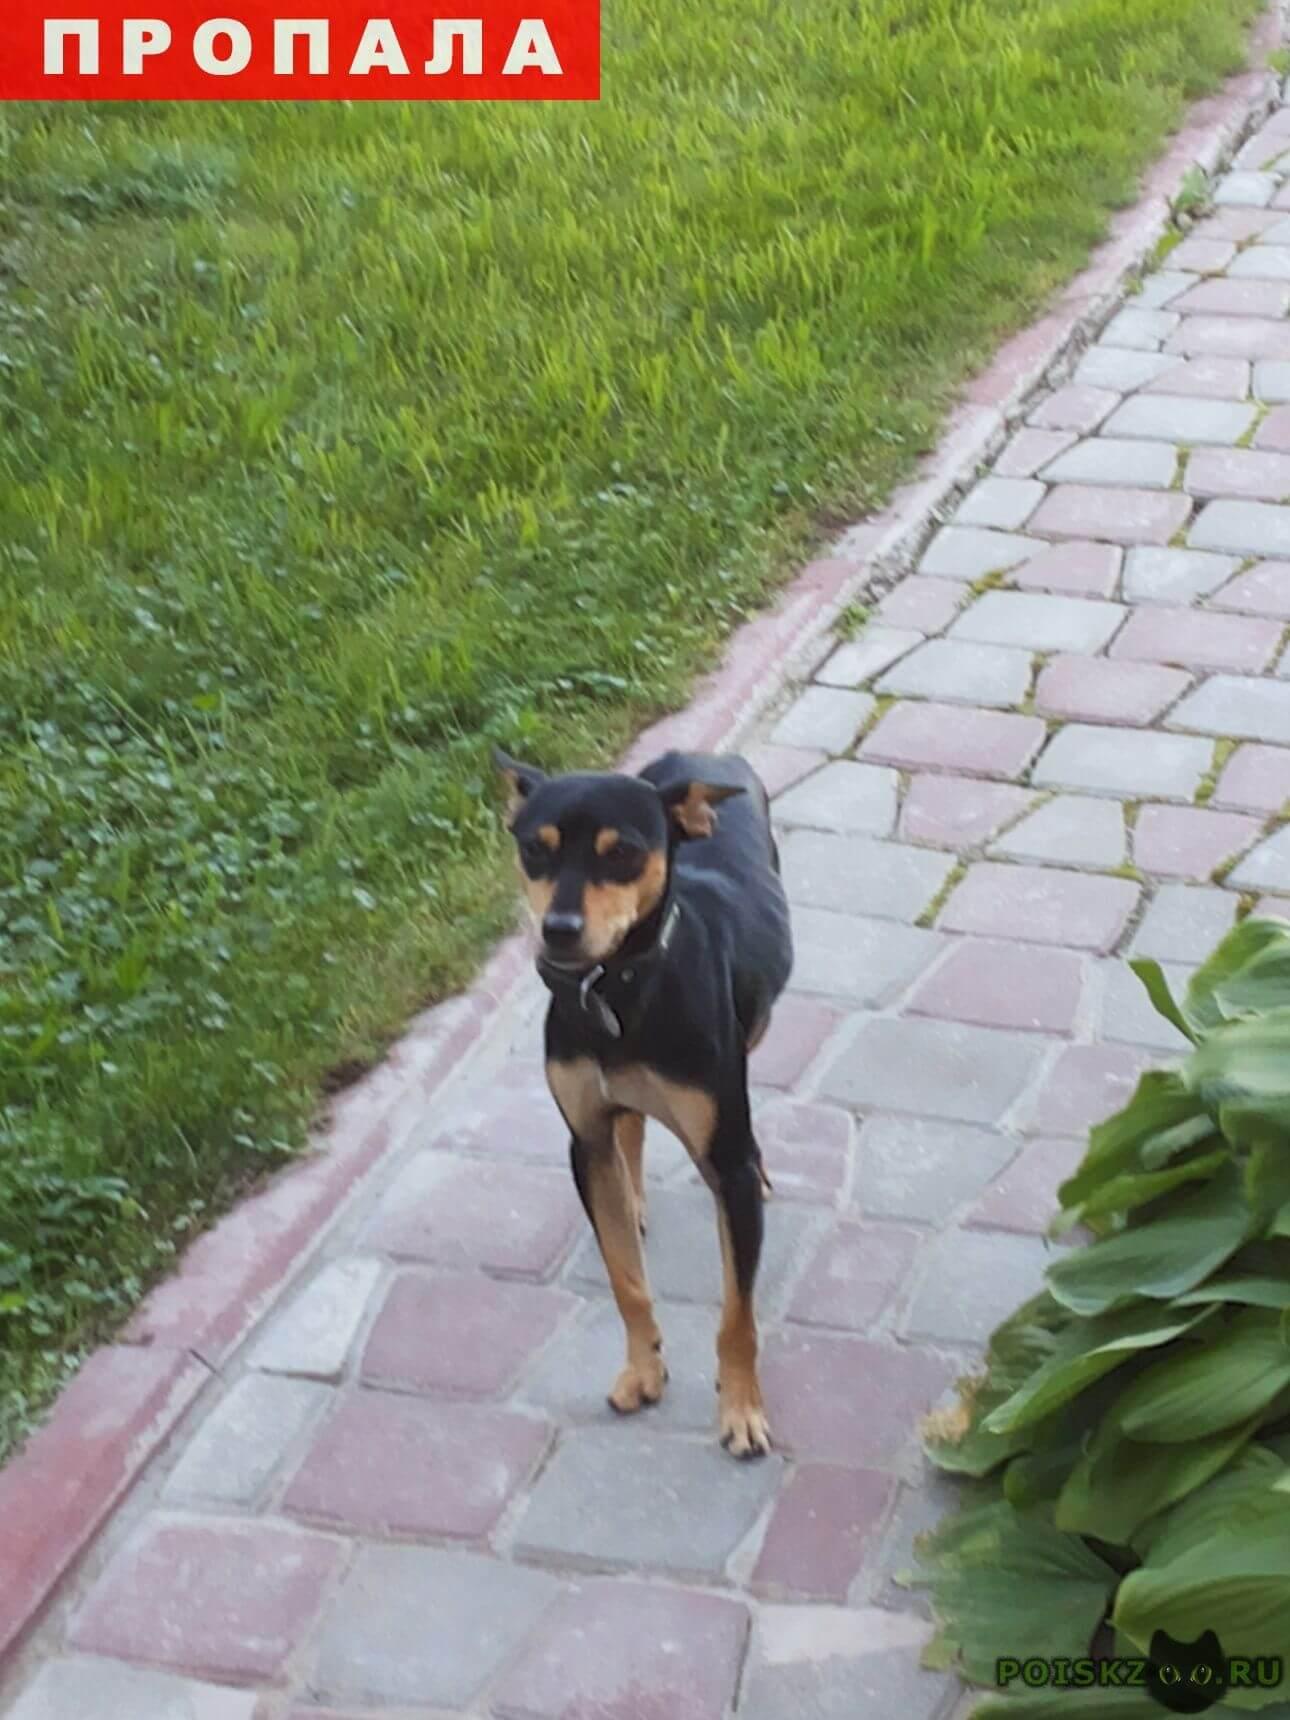 Пропала собака кобель   карликовый пинчер г.Москва